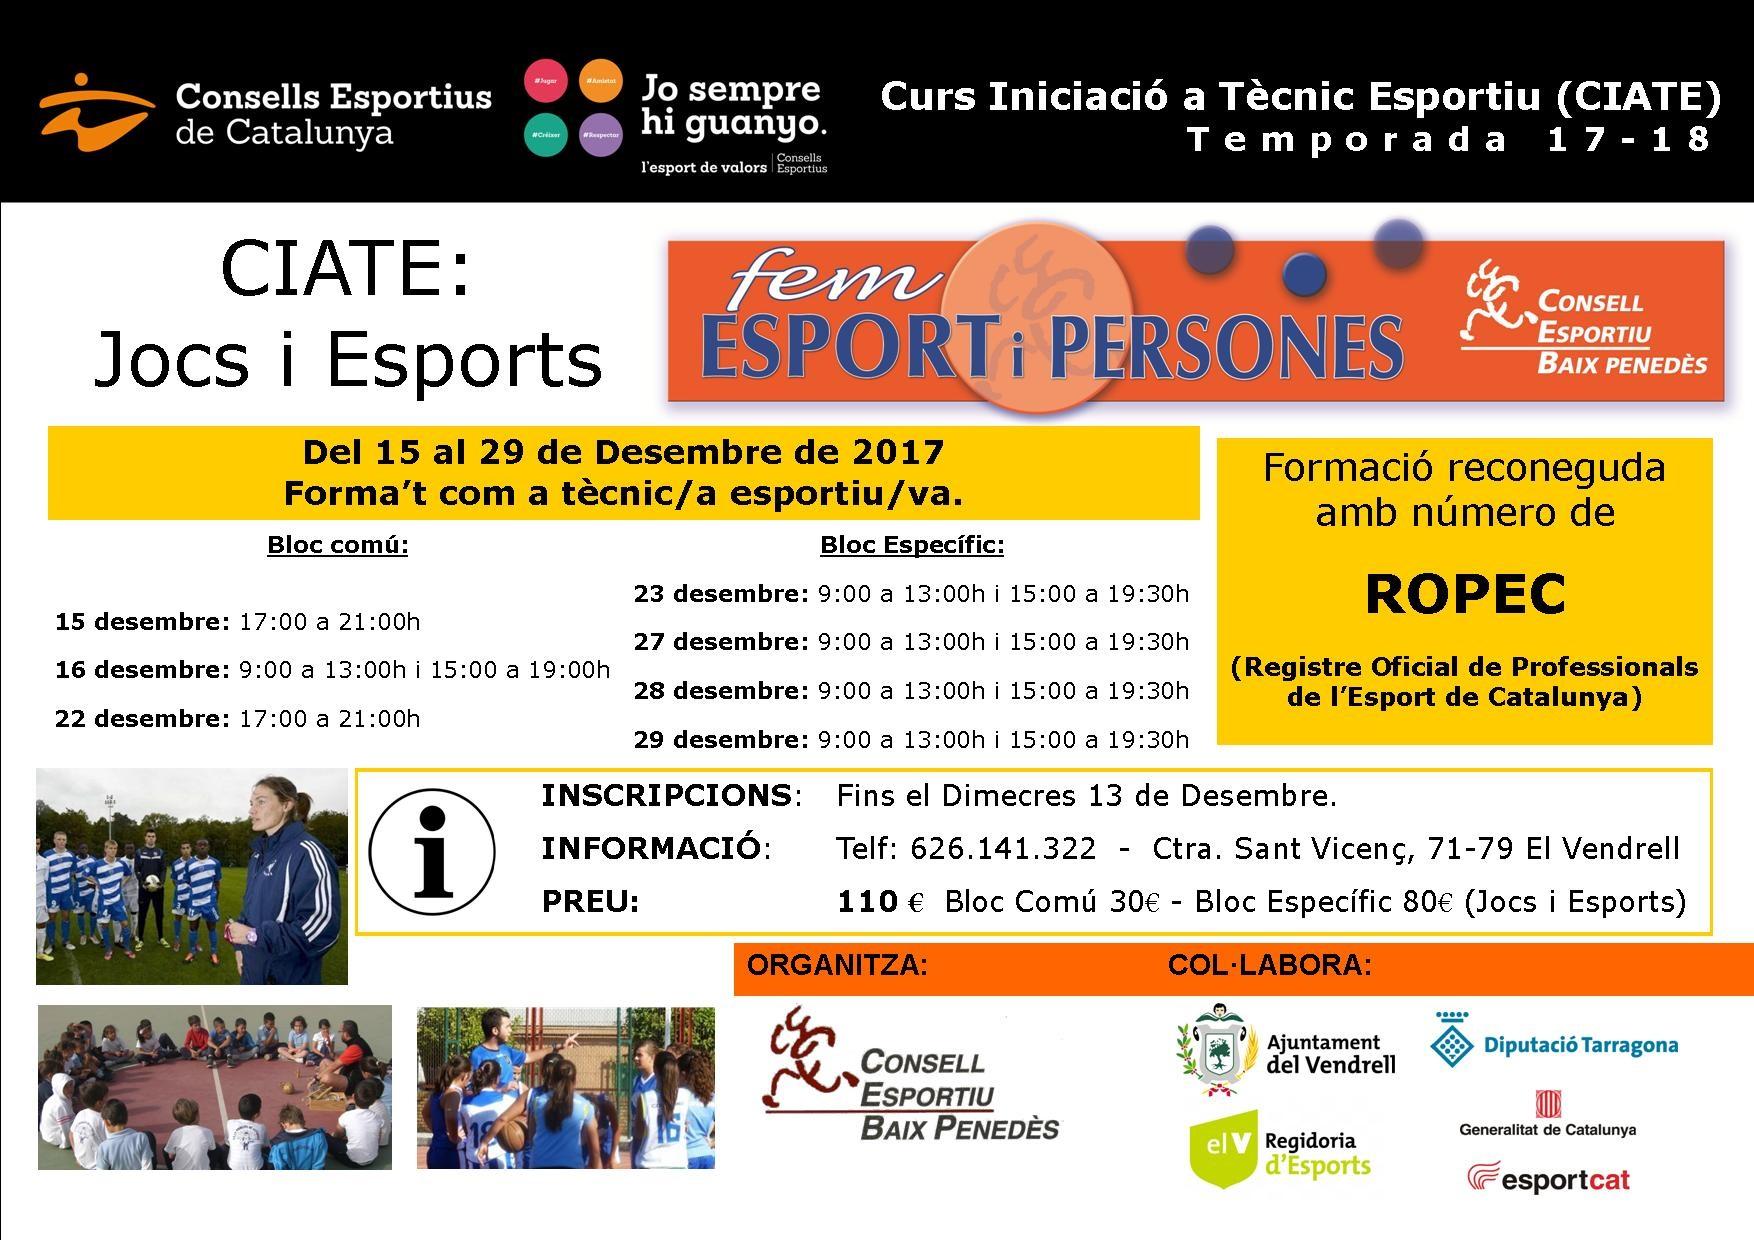 Aquest desembre podeu fer el Curs d'Iniciació a Tècnic Esportiu al Vendrell